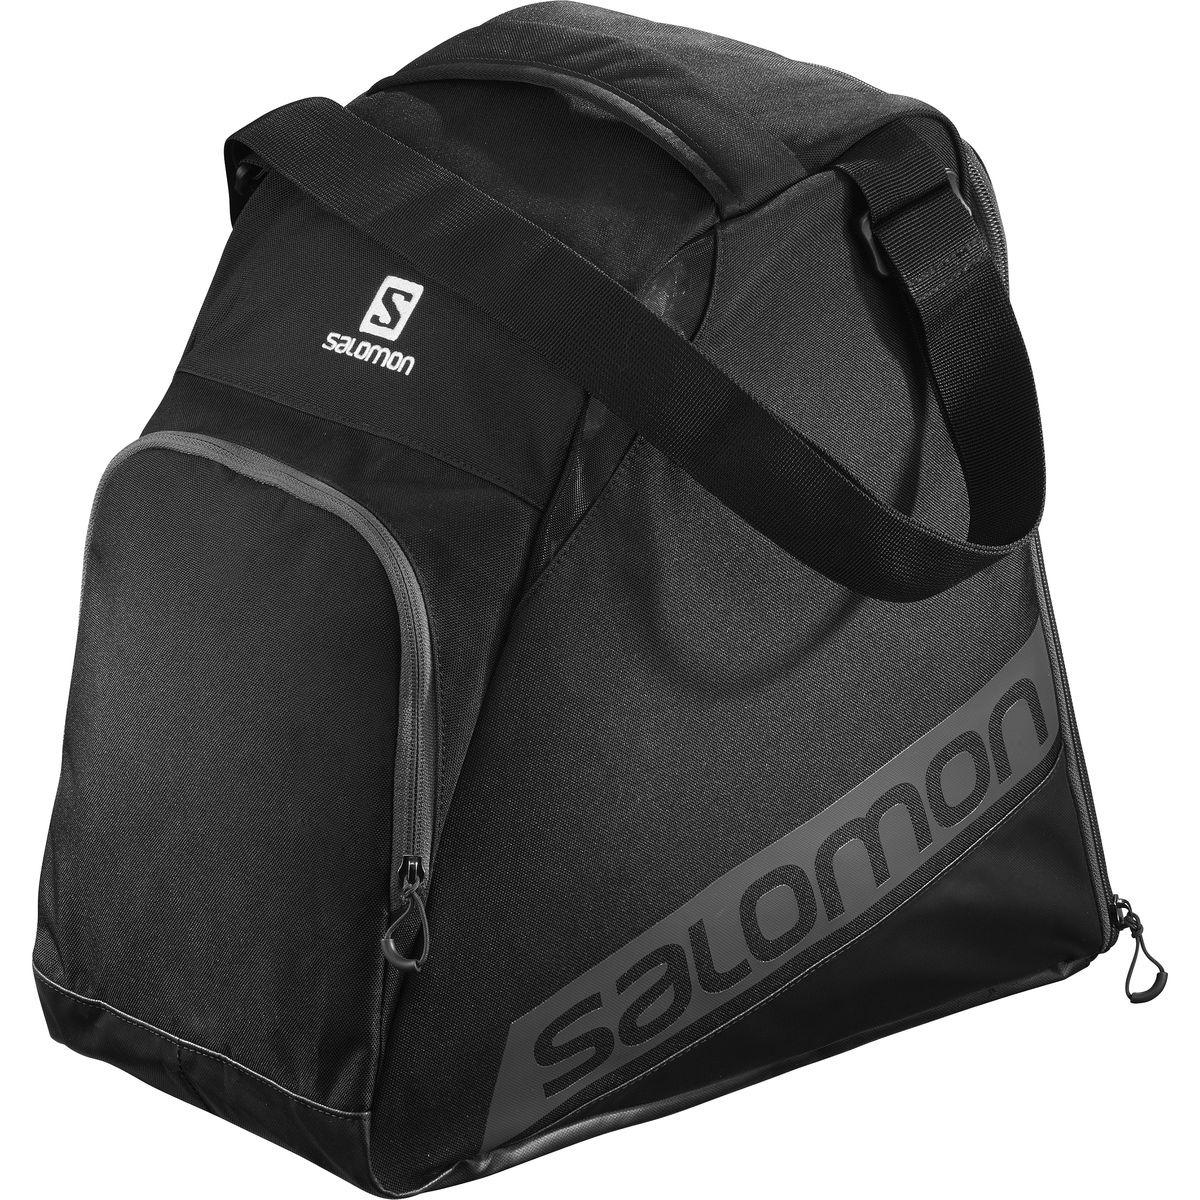 Чехол для лыжных ботинок Salomon Extend Gearbag, LC1206600, черный